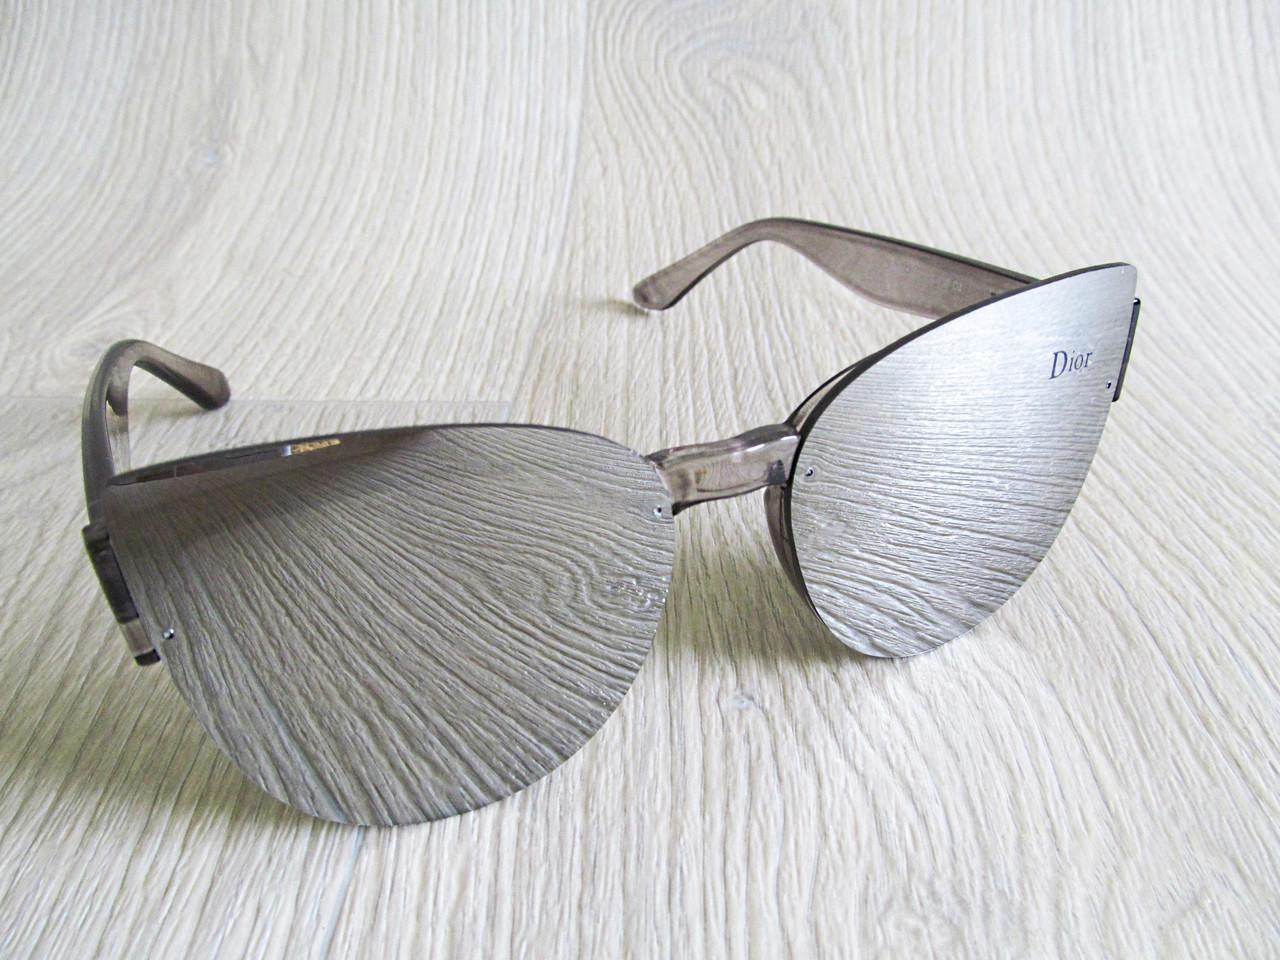 bd3b554c85c3 Купить Модное зеркальное очко реплику Диор оптом и в розницу в Харькове